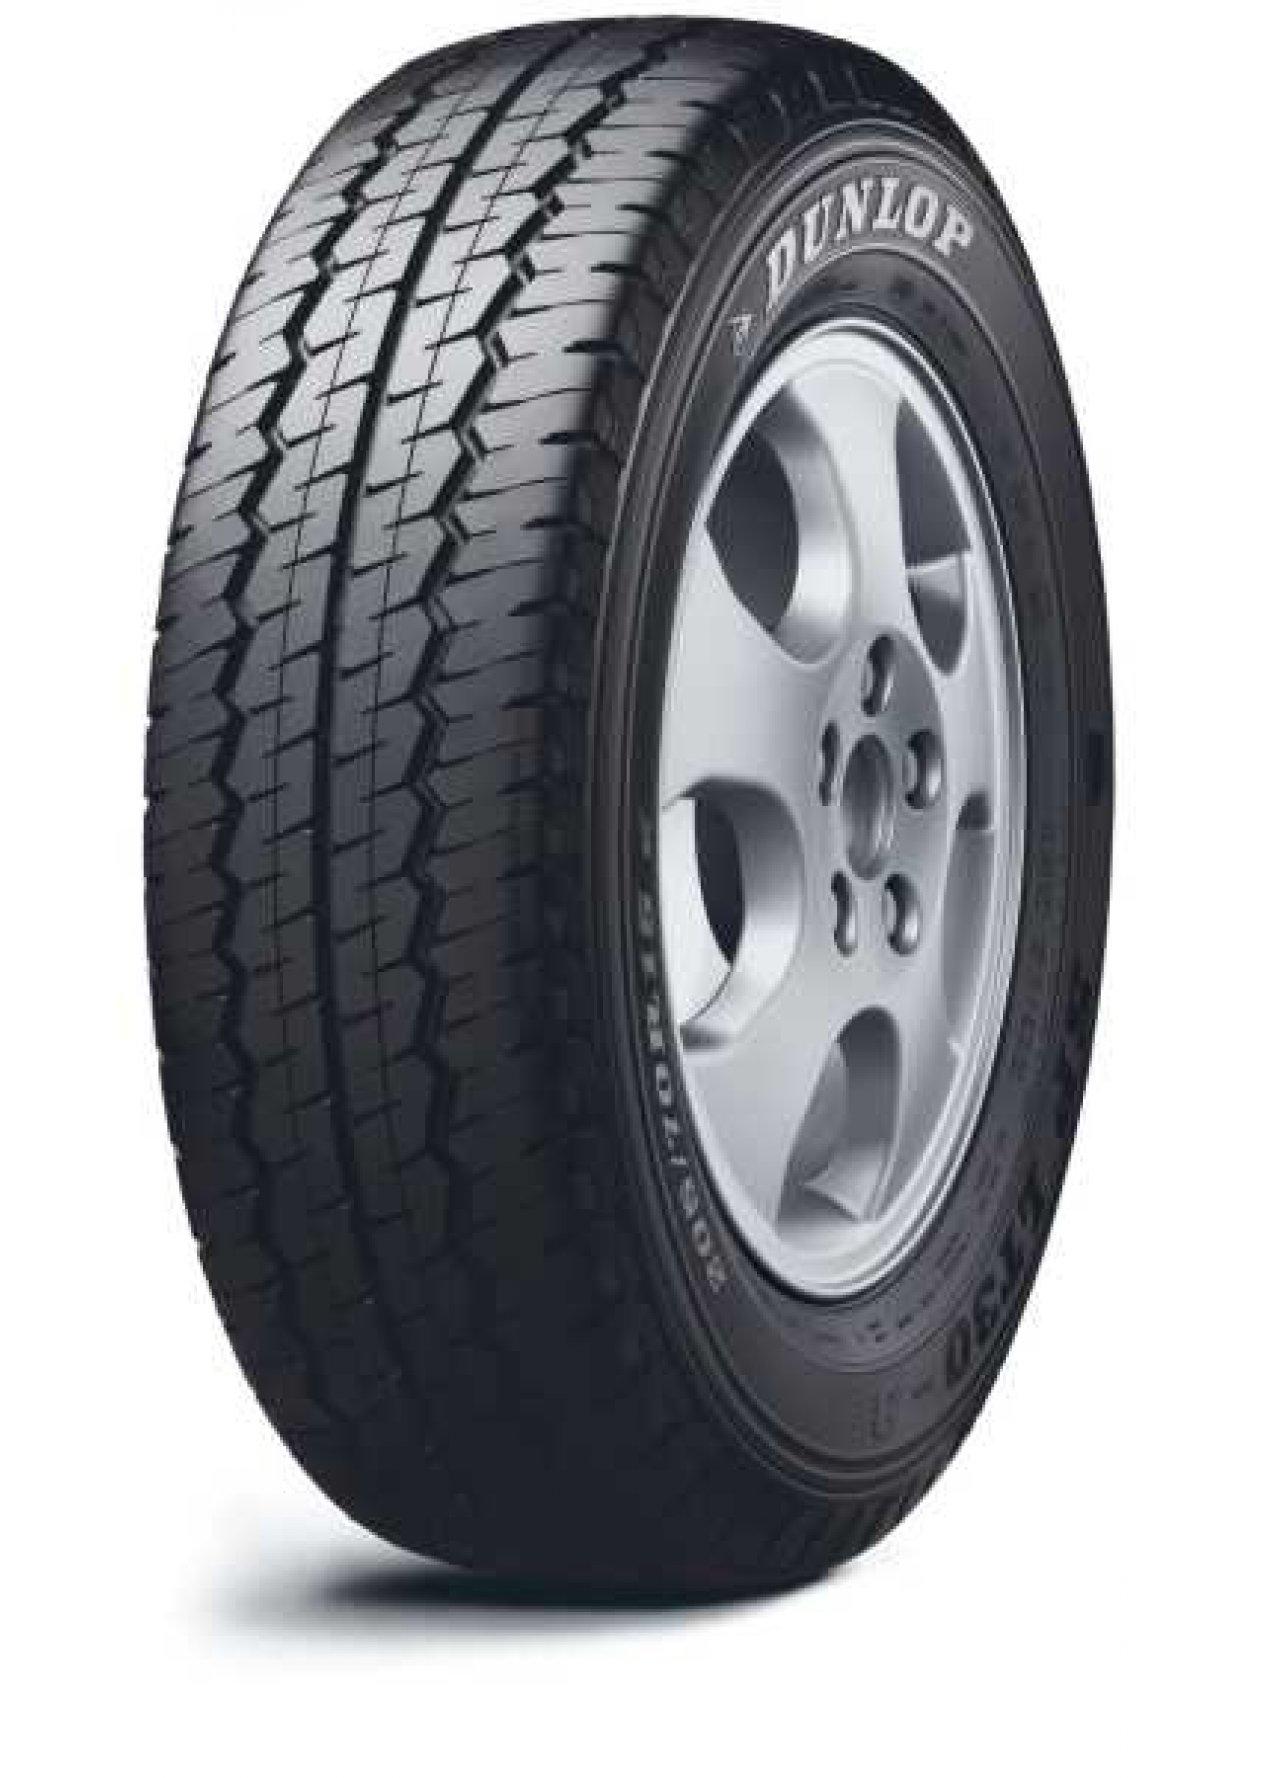 Anvelopa Dunlop SP LT30 235/65R16C 115/113R